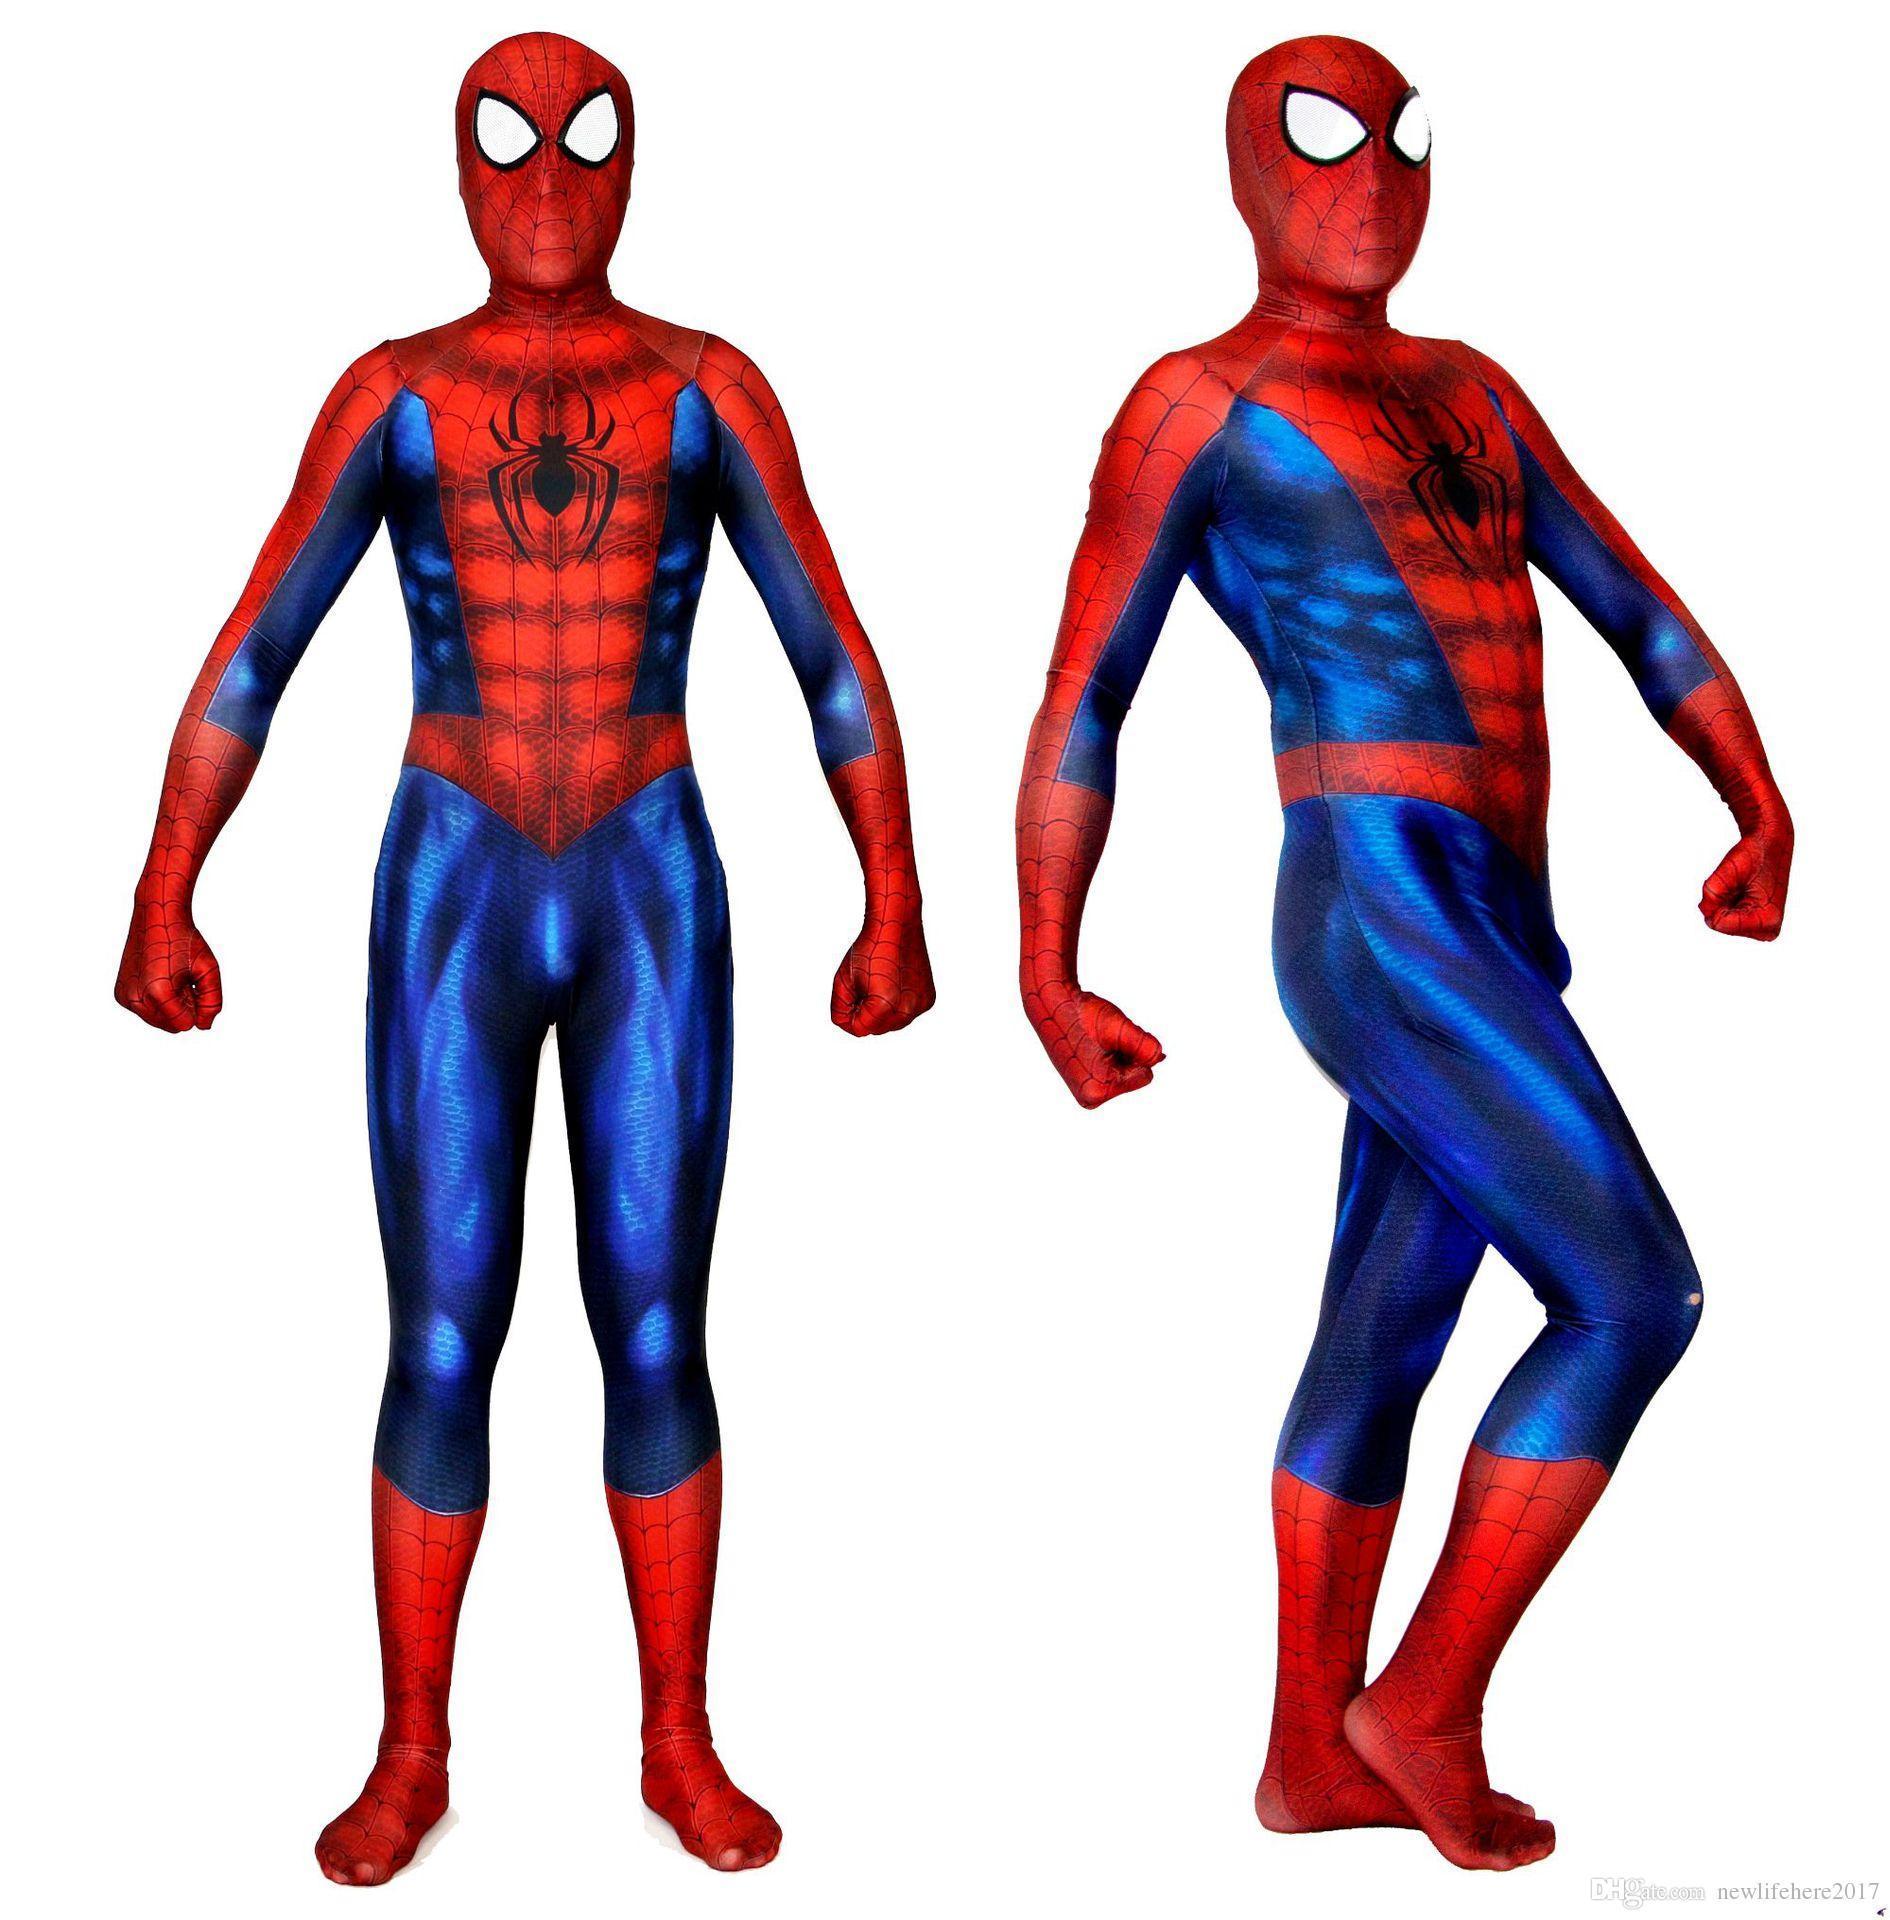 Örümcek-Adam Kostüm Lycra 3D Örümcek Baskı Suit Spandex Örümcek-adam Bodysuit Cosplay